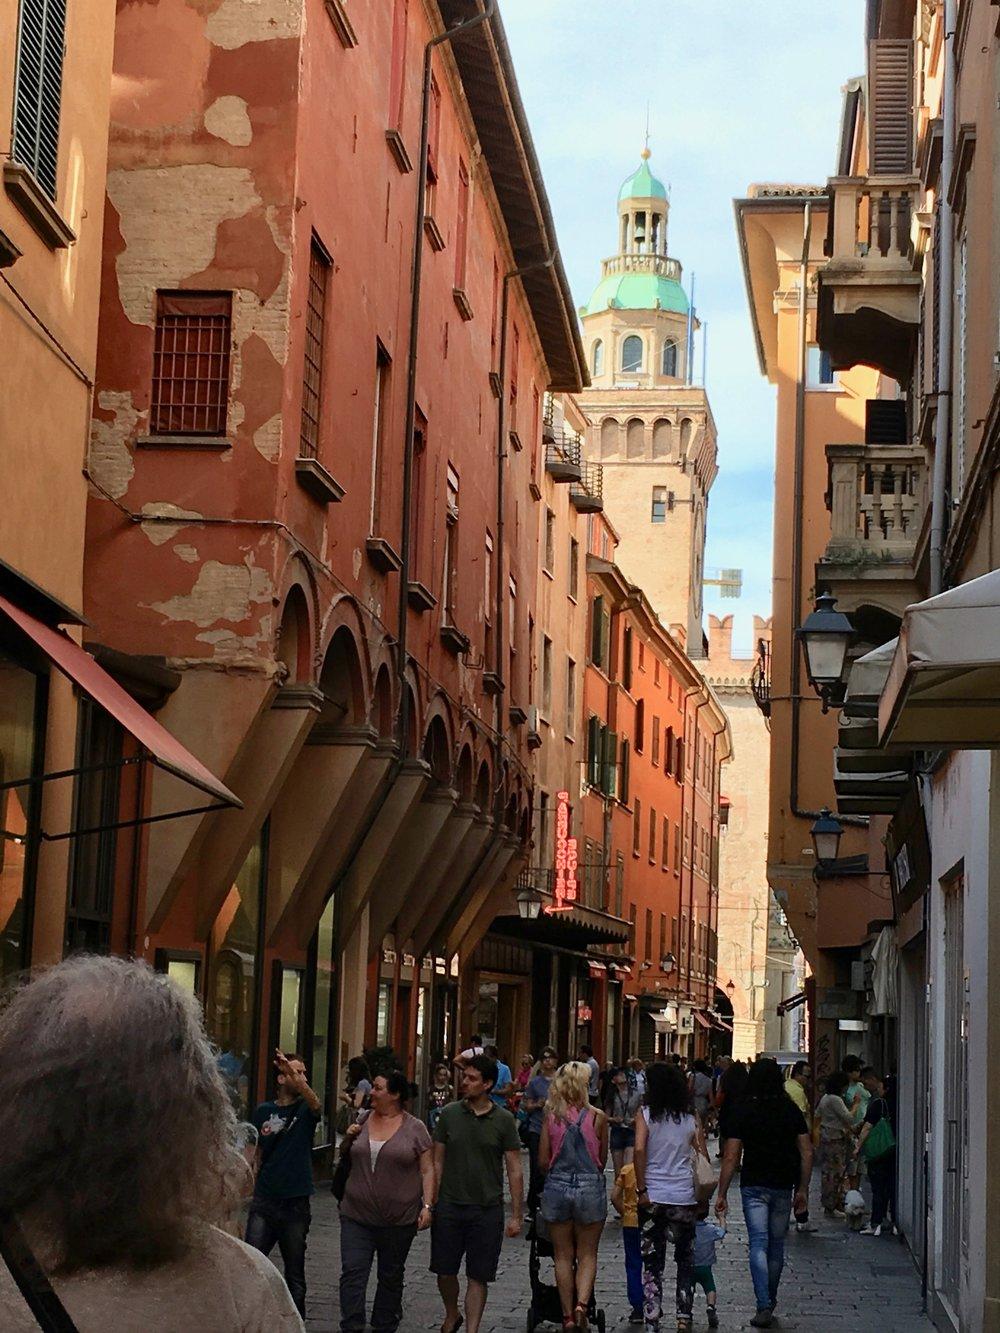 Bustling Bologna street